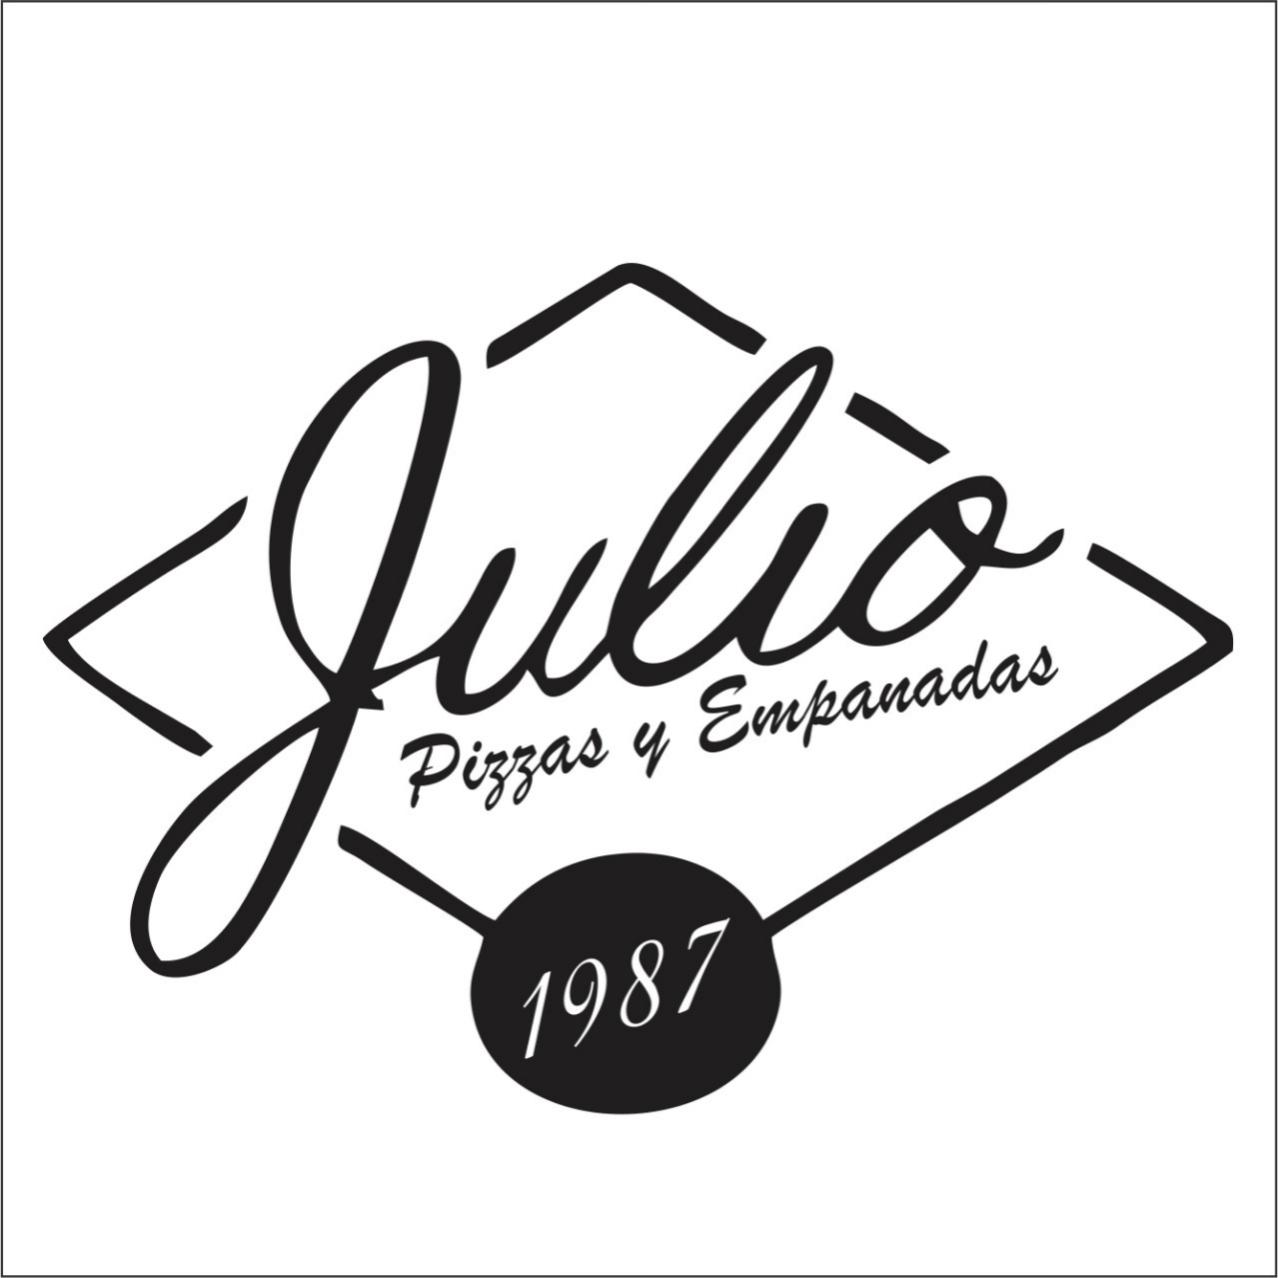 Julio Pizzas y Empanadas